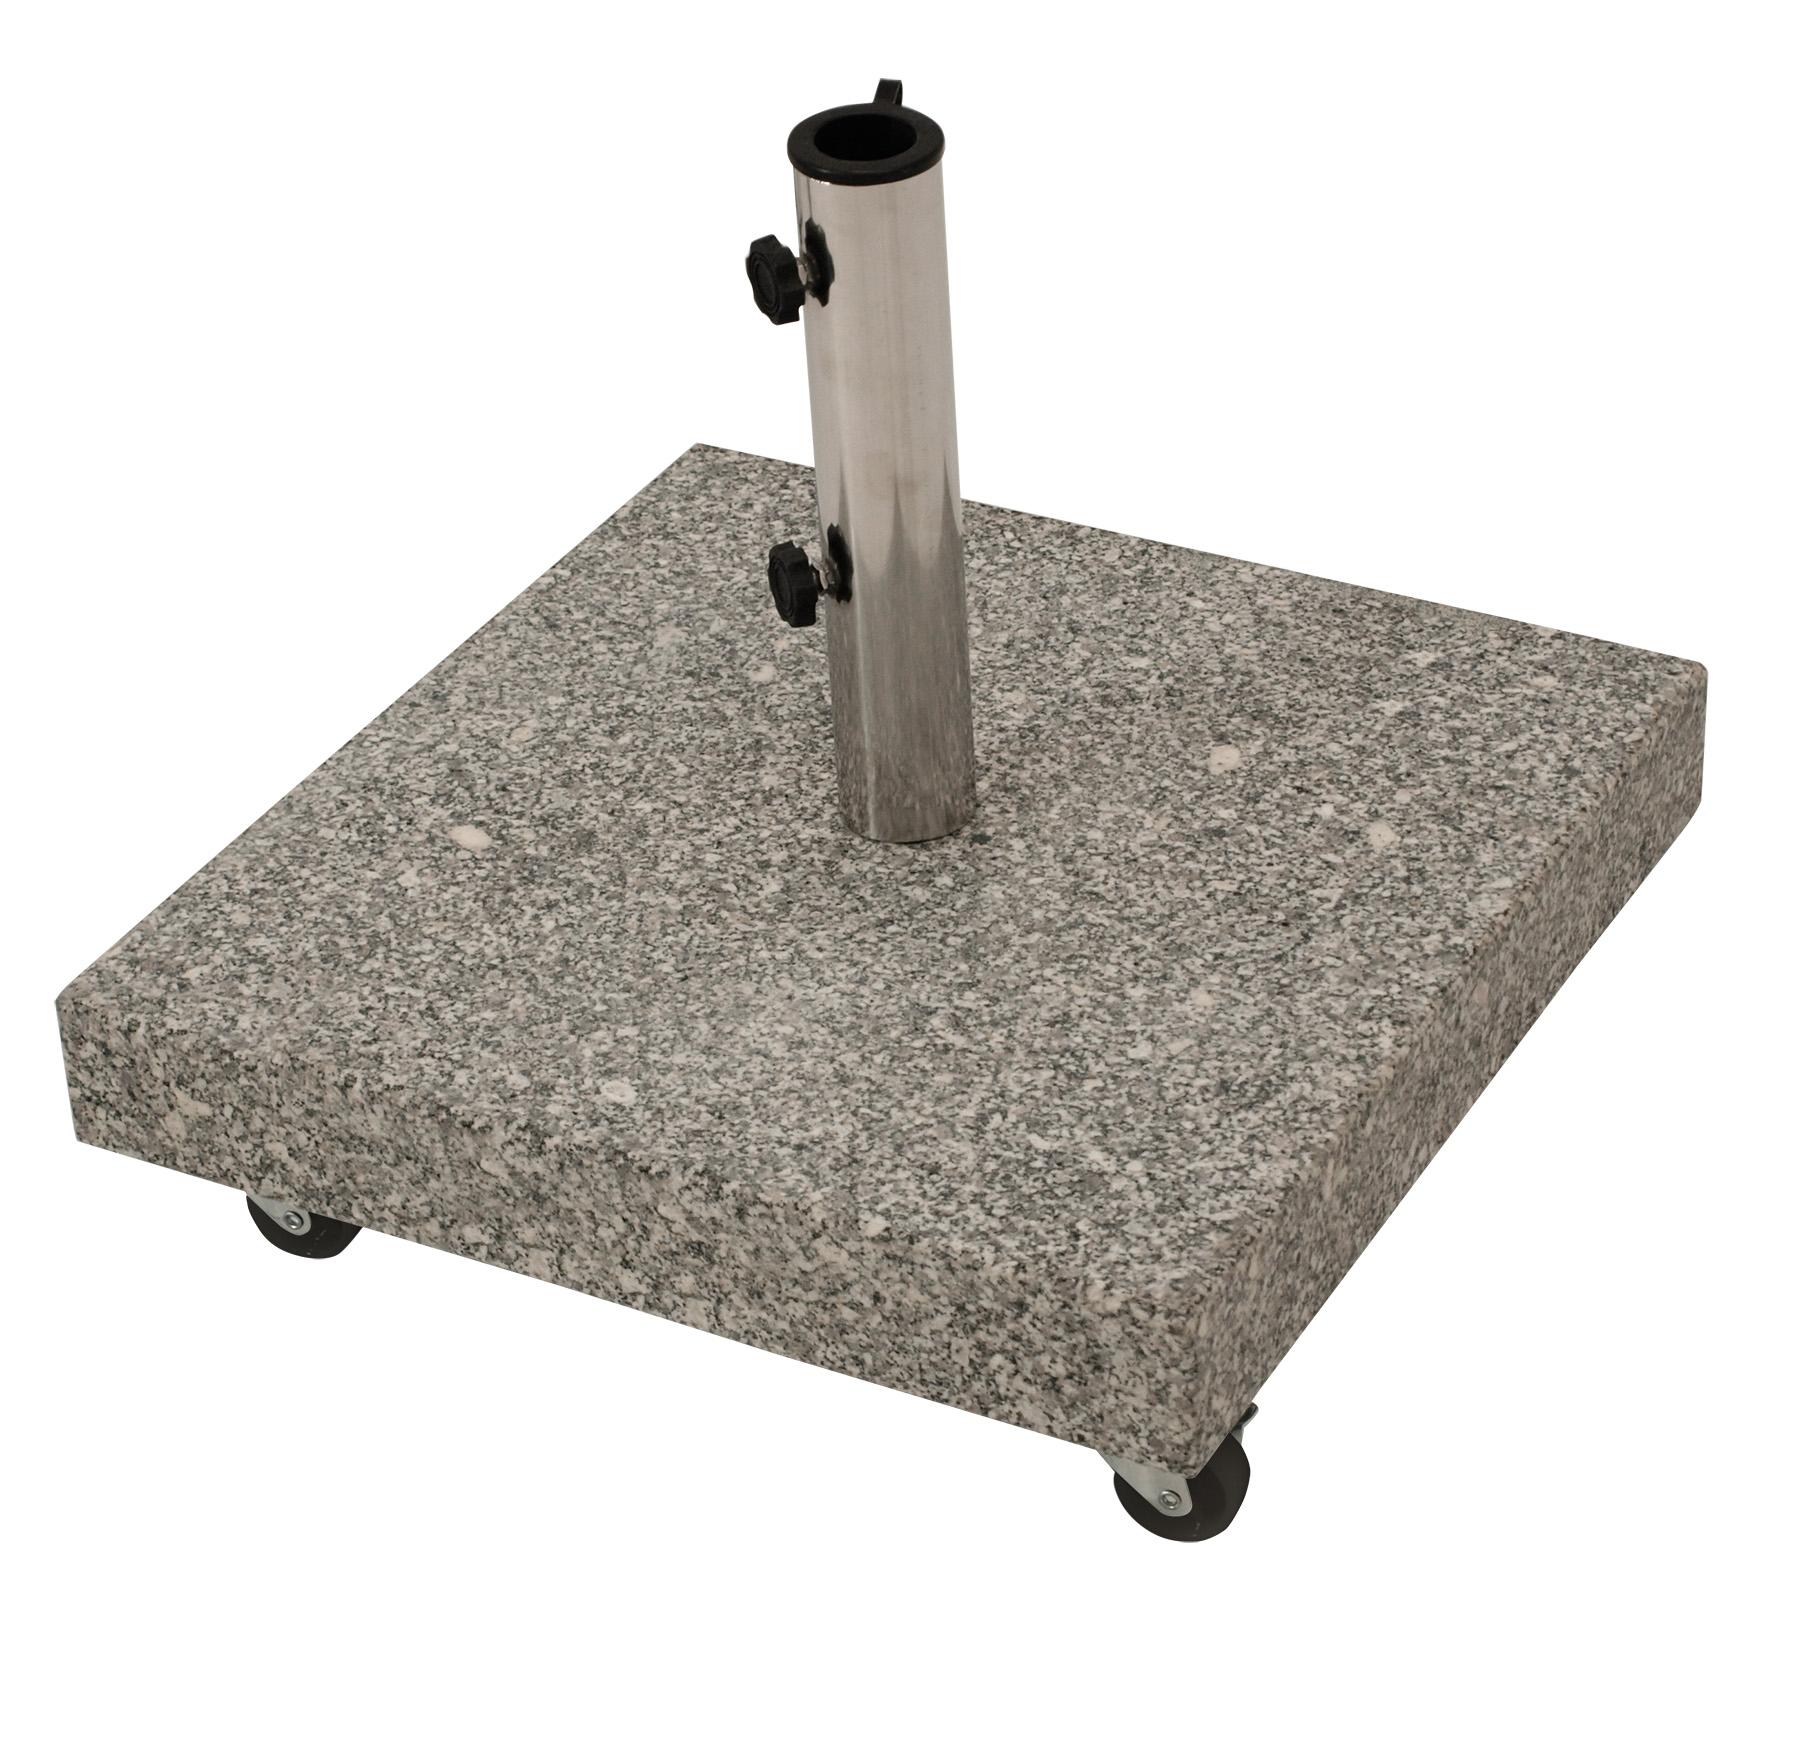 schirmst nder st nder granitst nder 50kg eckig 50x50cm mit vier rollen 2 wahl ebay. Black Bedroom Furniture Sets. Home Design Ideas